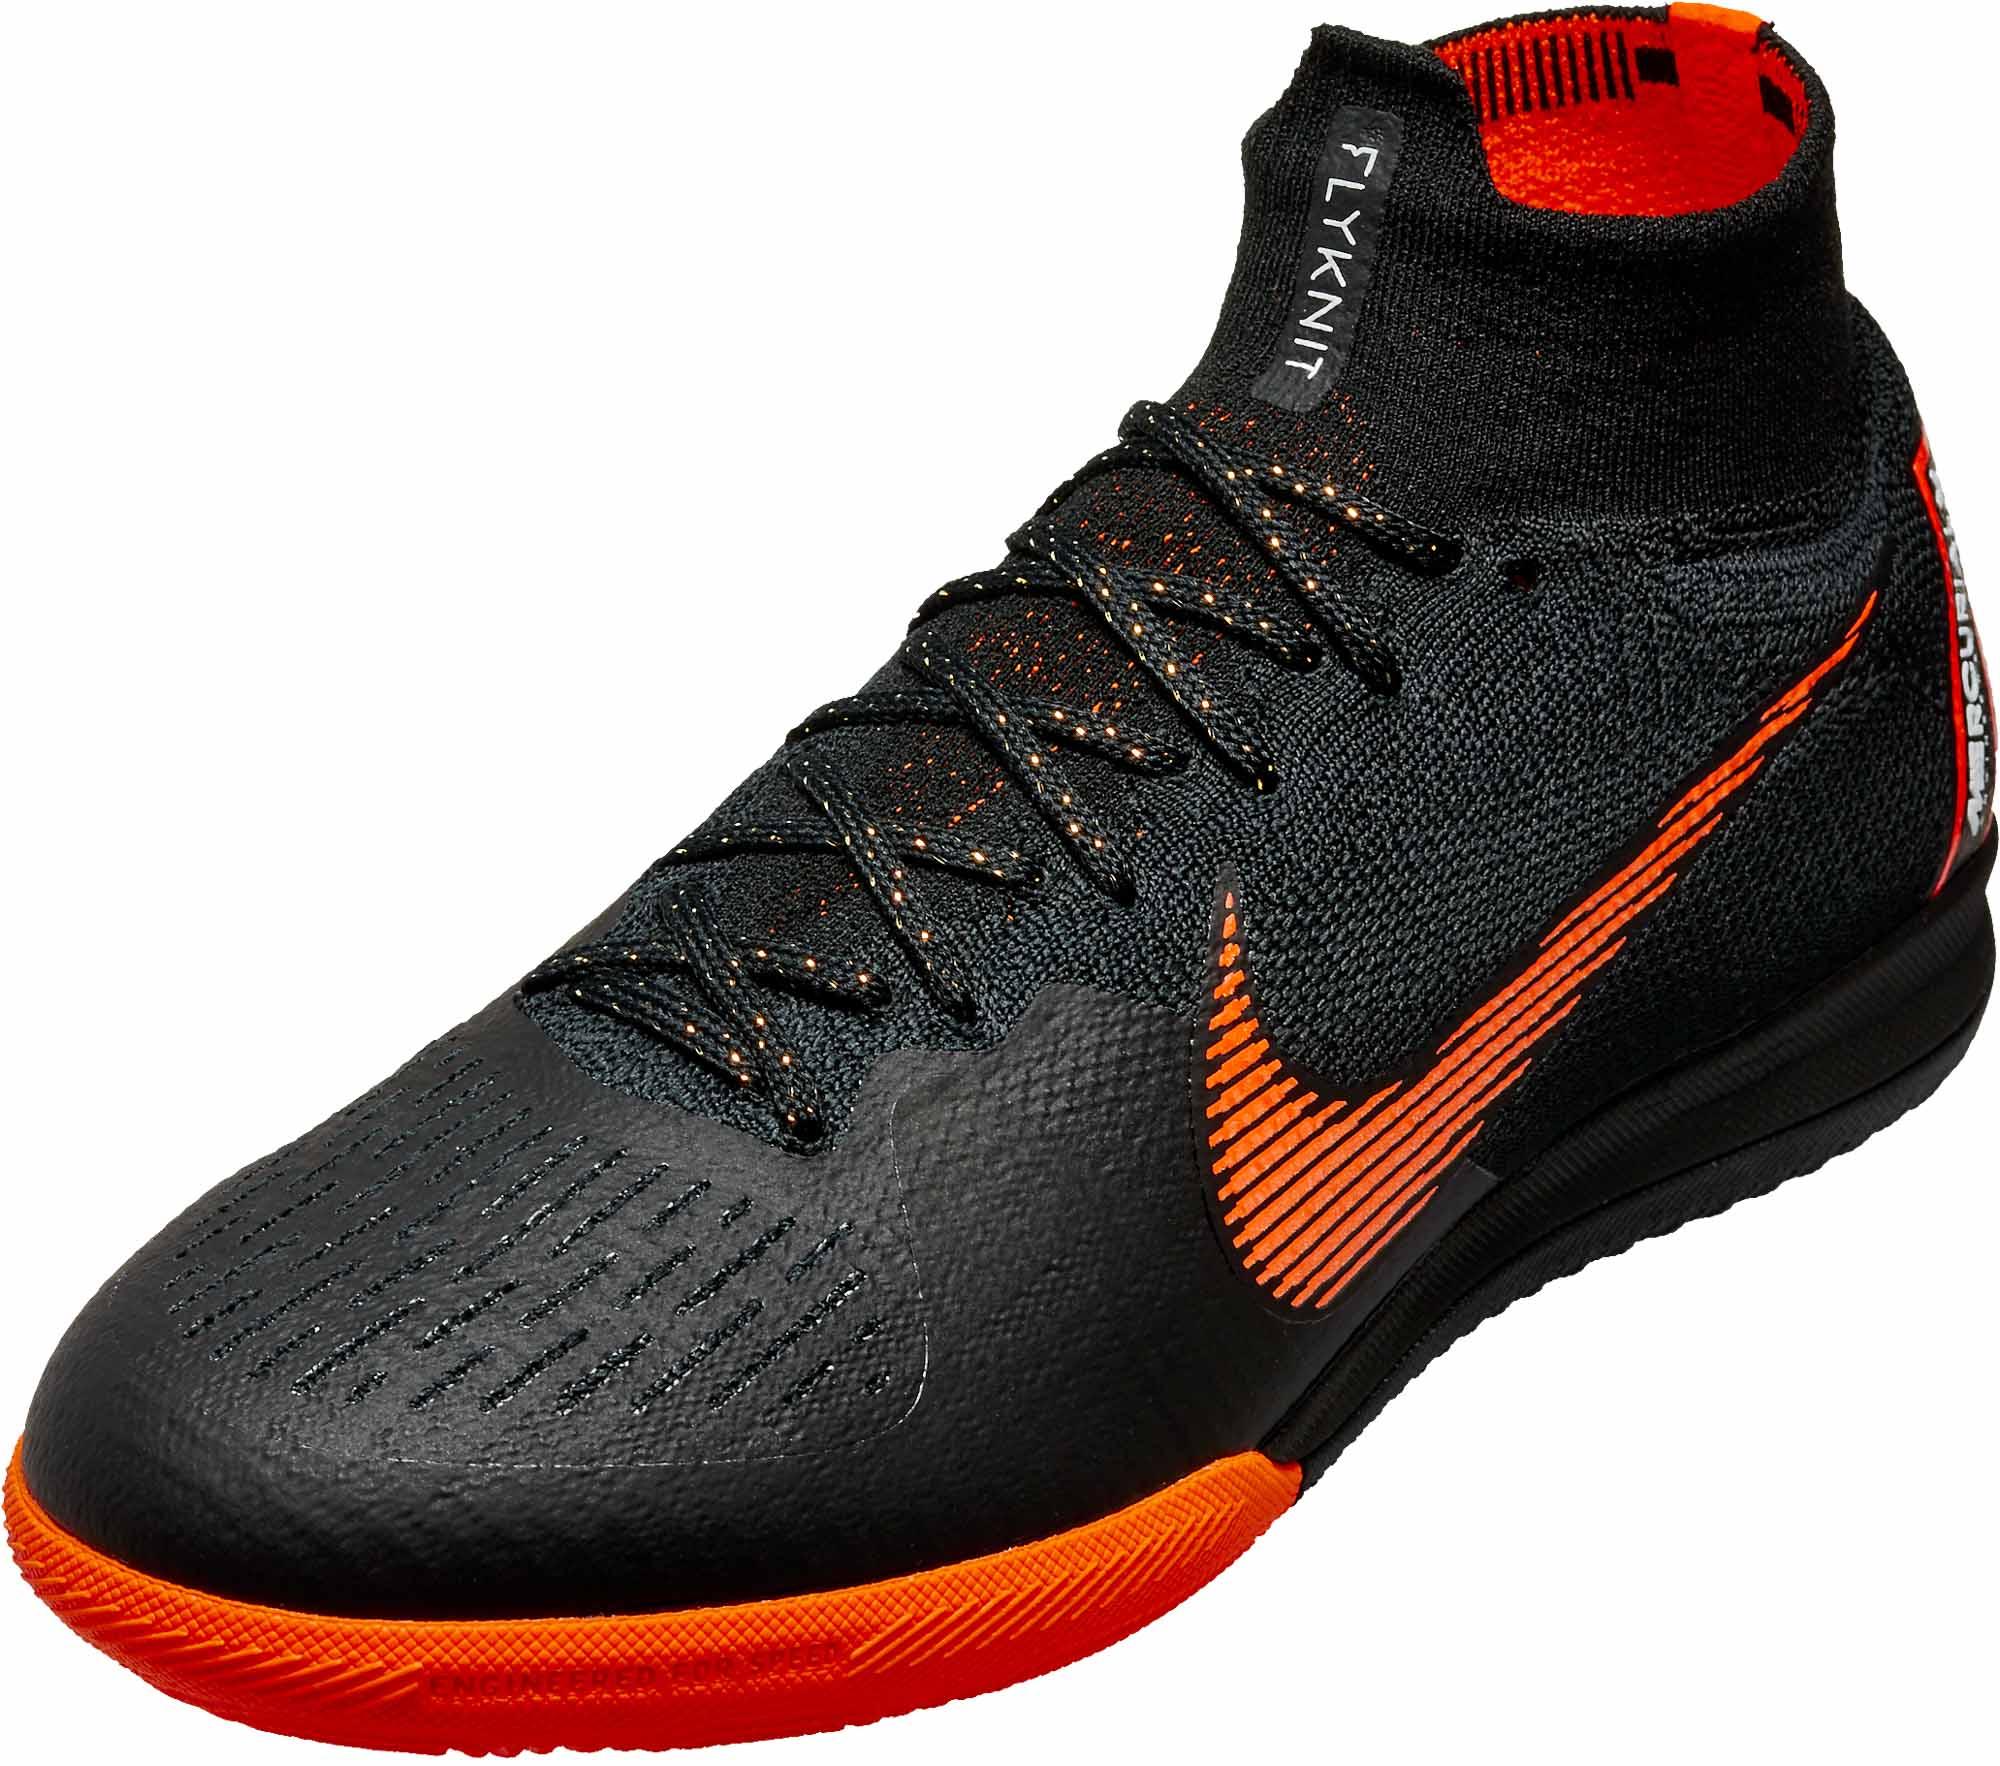 Nike SuperflyX 6 Elite IC - Black Superfly Indoor Shoes